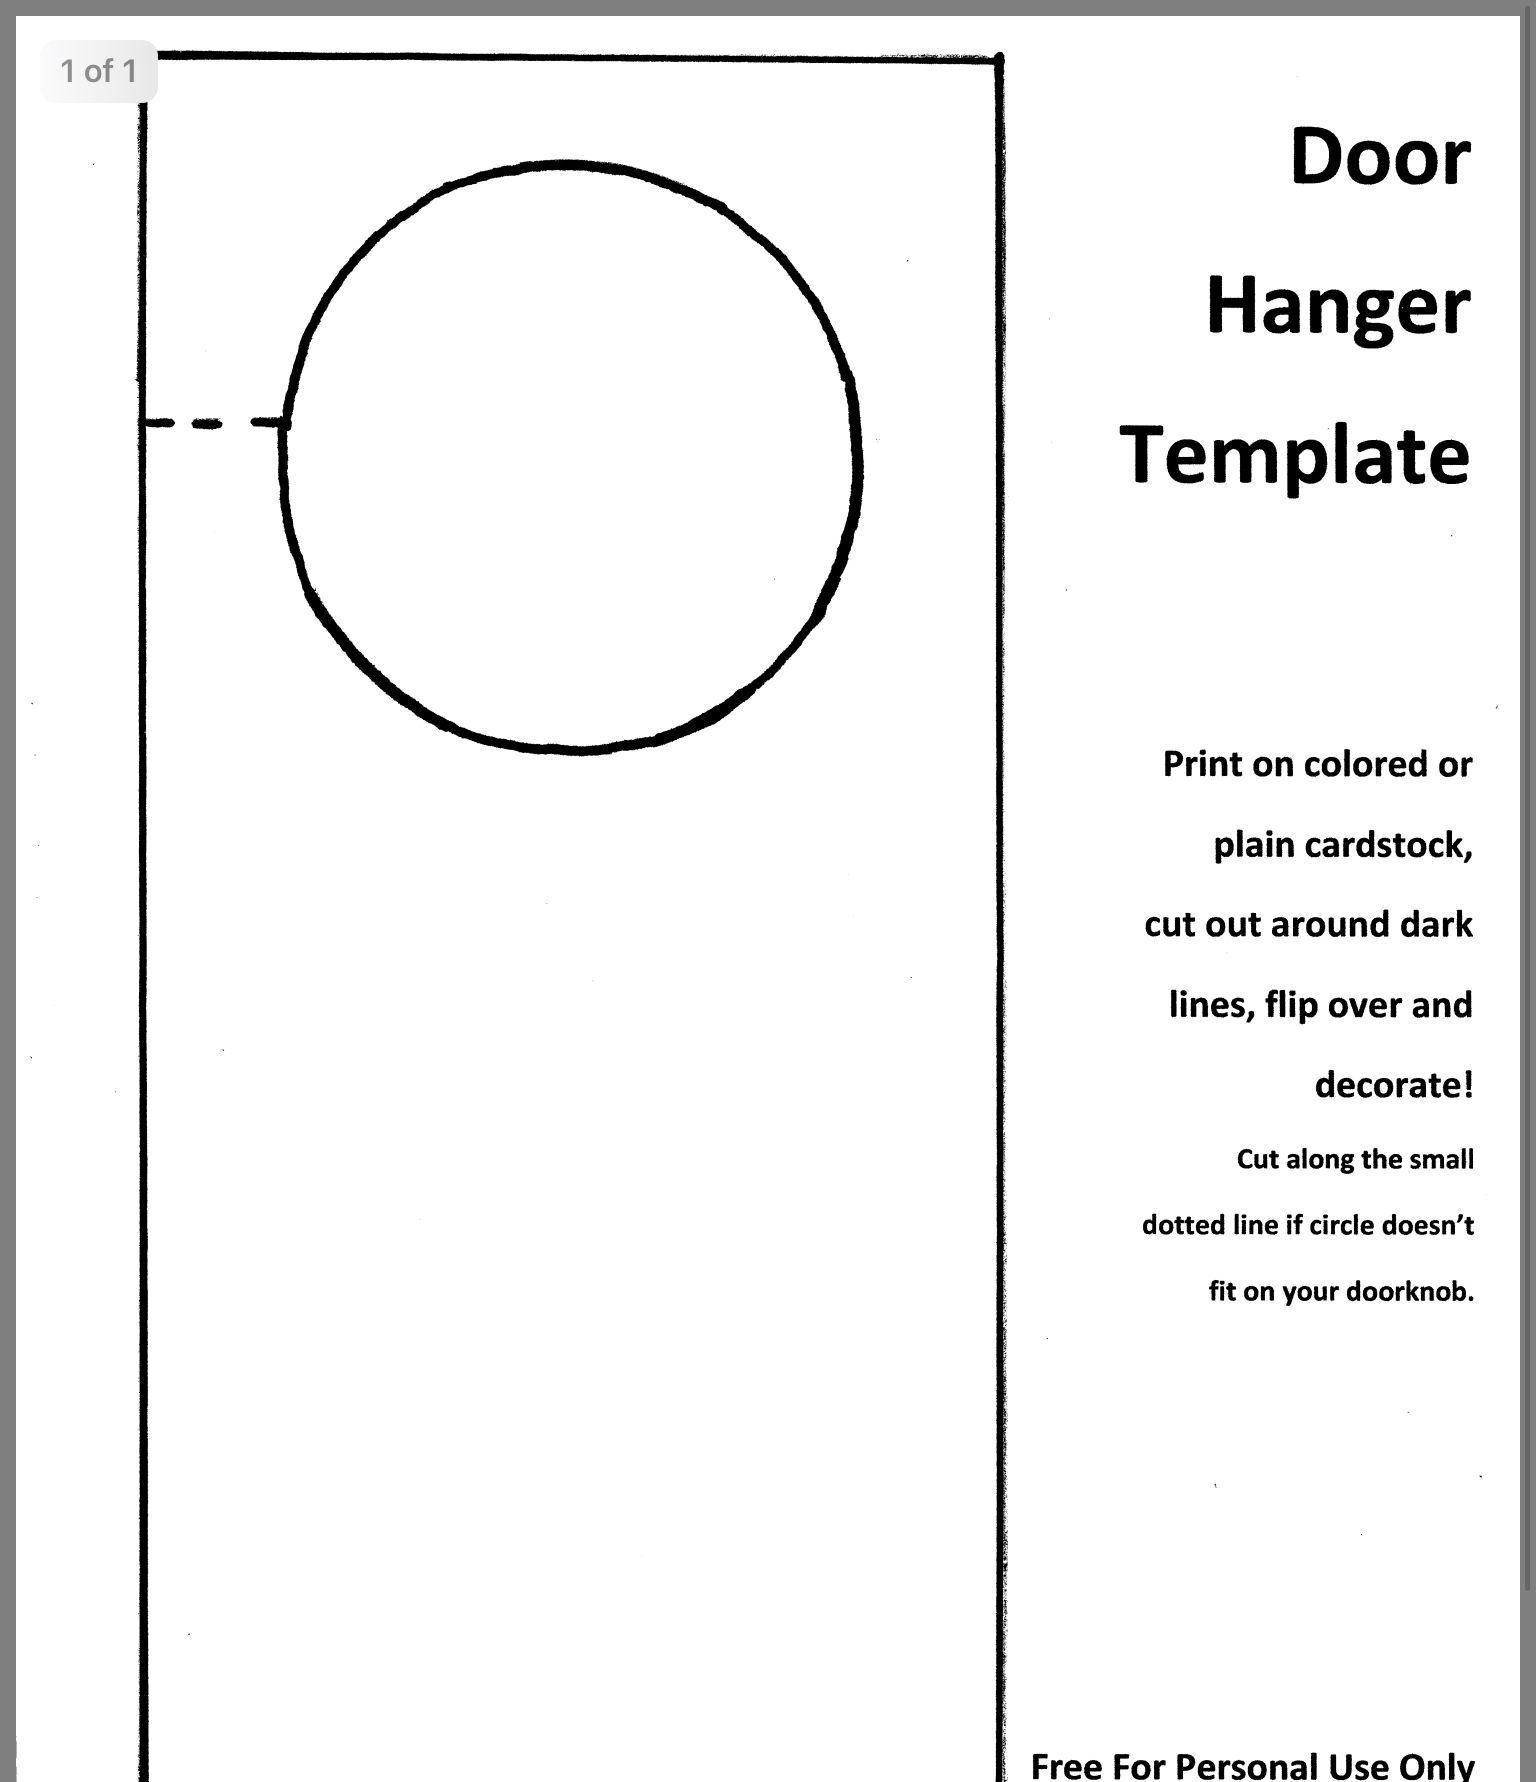 001 Impressive Free Door Hanger Template Photo  Templates Printable Wedding Blank DoorknobFull